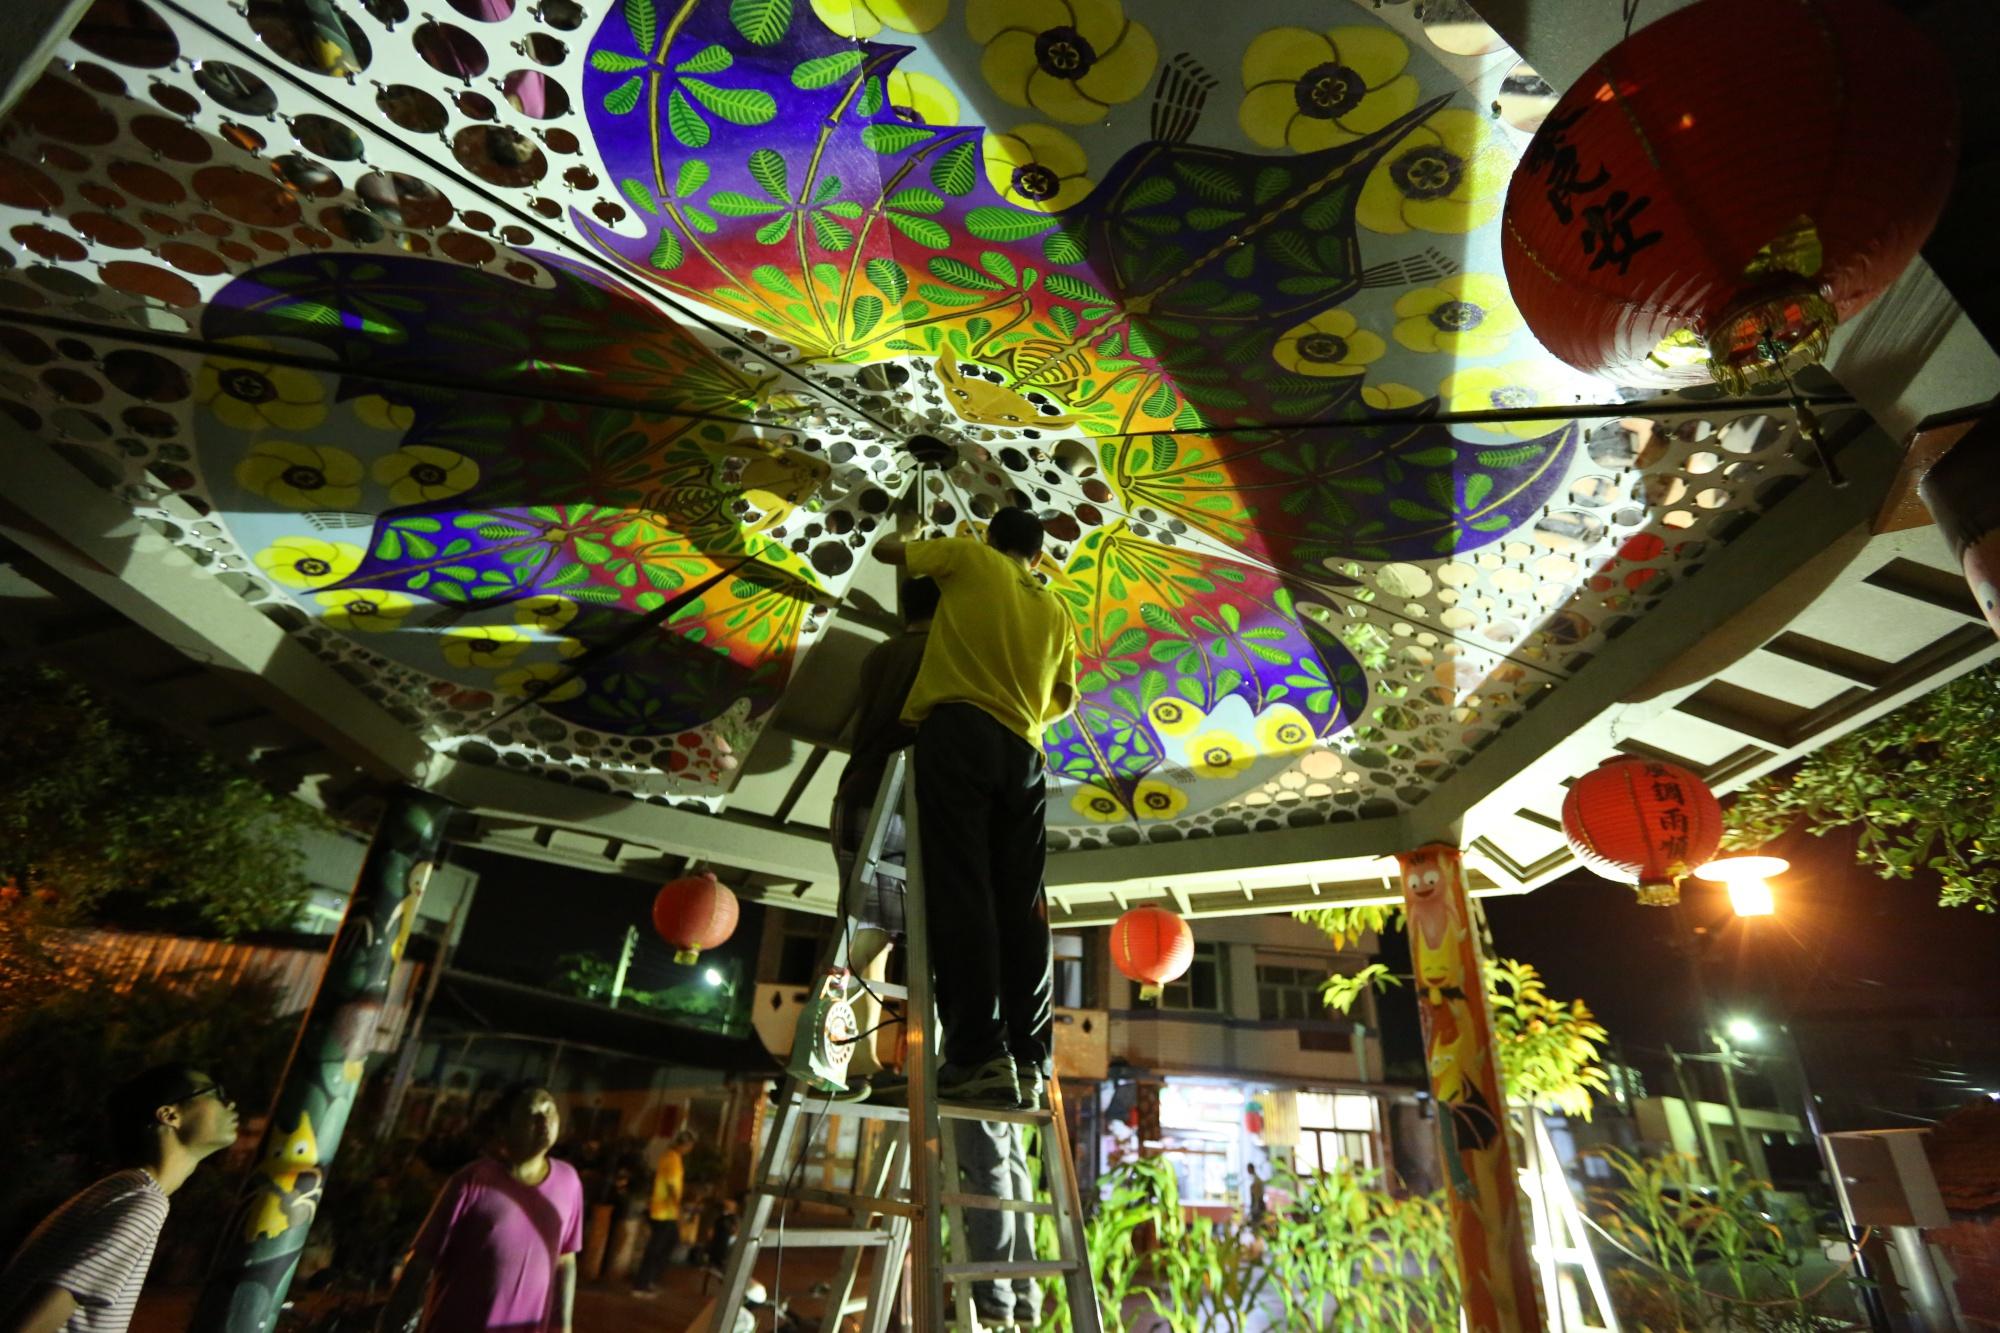 台灣永續聯盟人員正在裝設裝置藝術